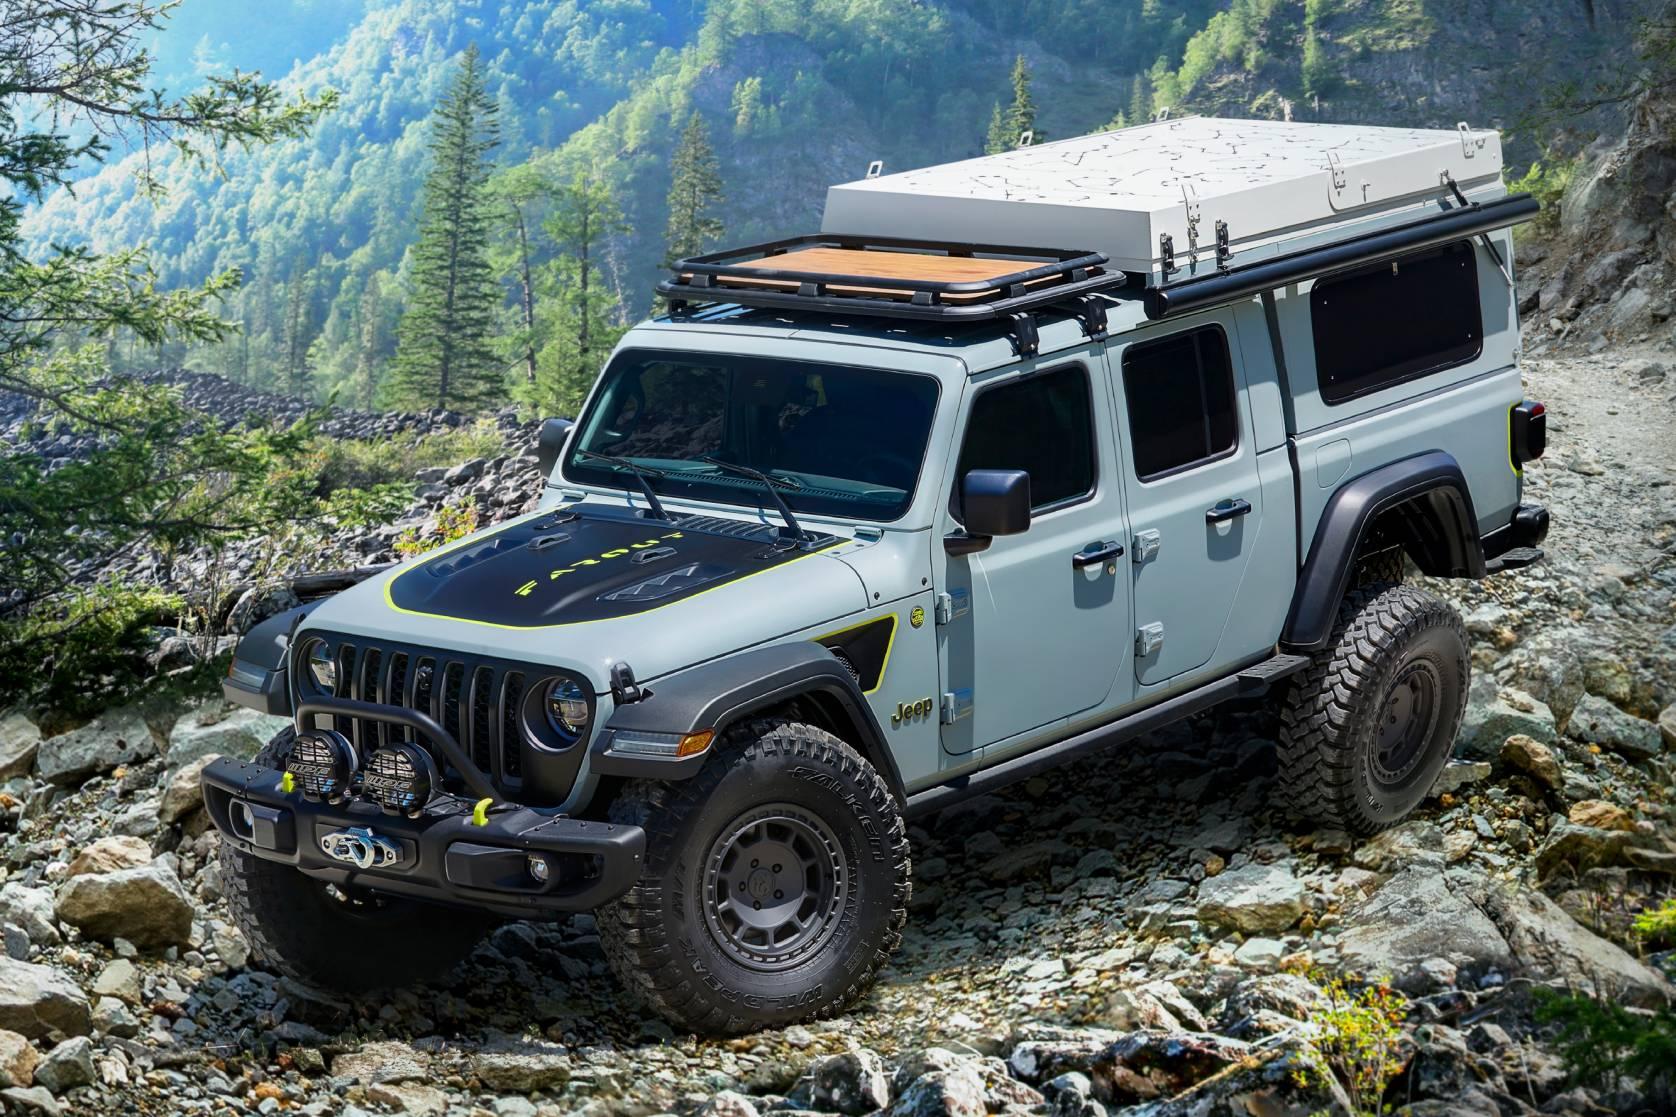 Jeep Gladiator Farout concept truck